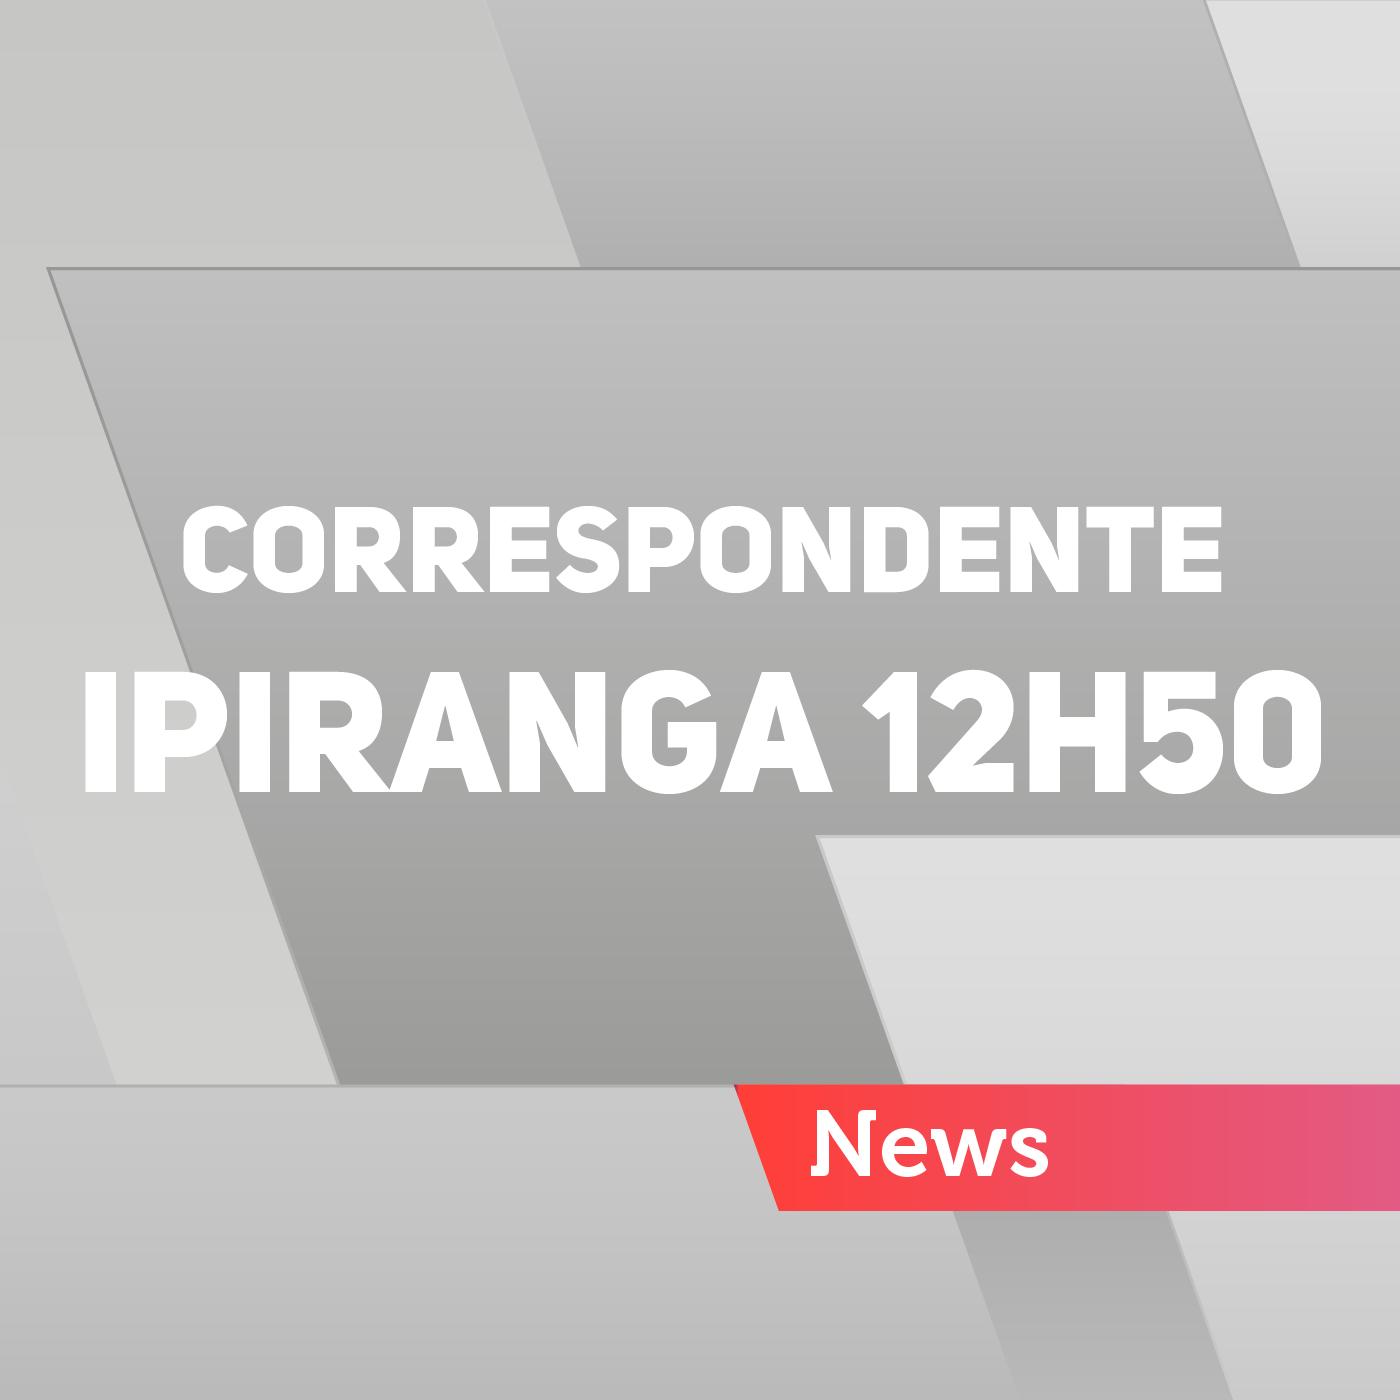 Correspondente Ipiranga 12h50 – 20/09/2017